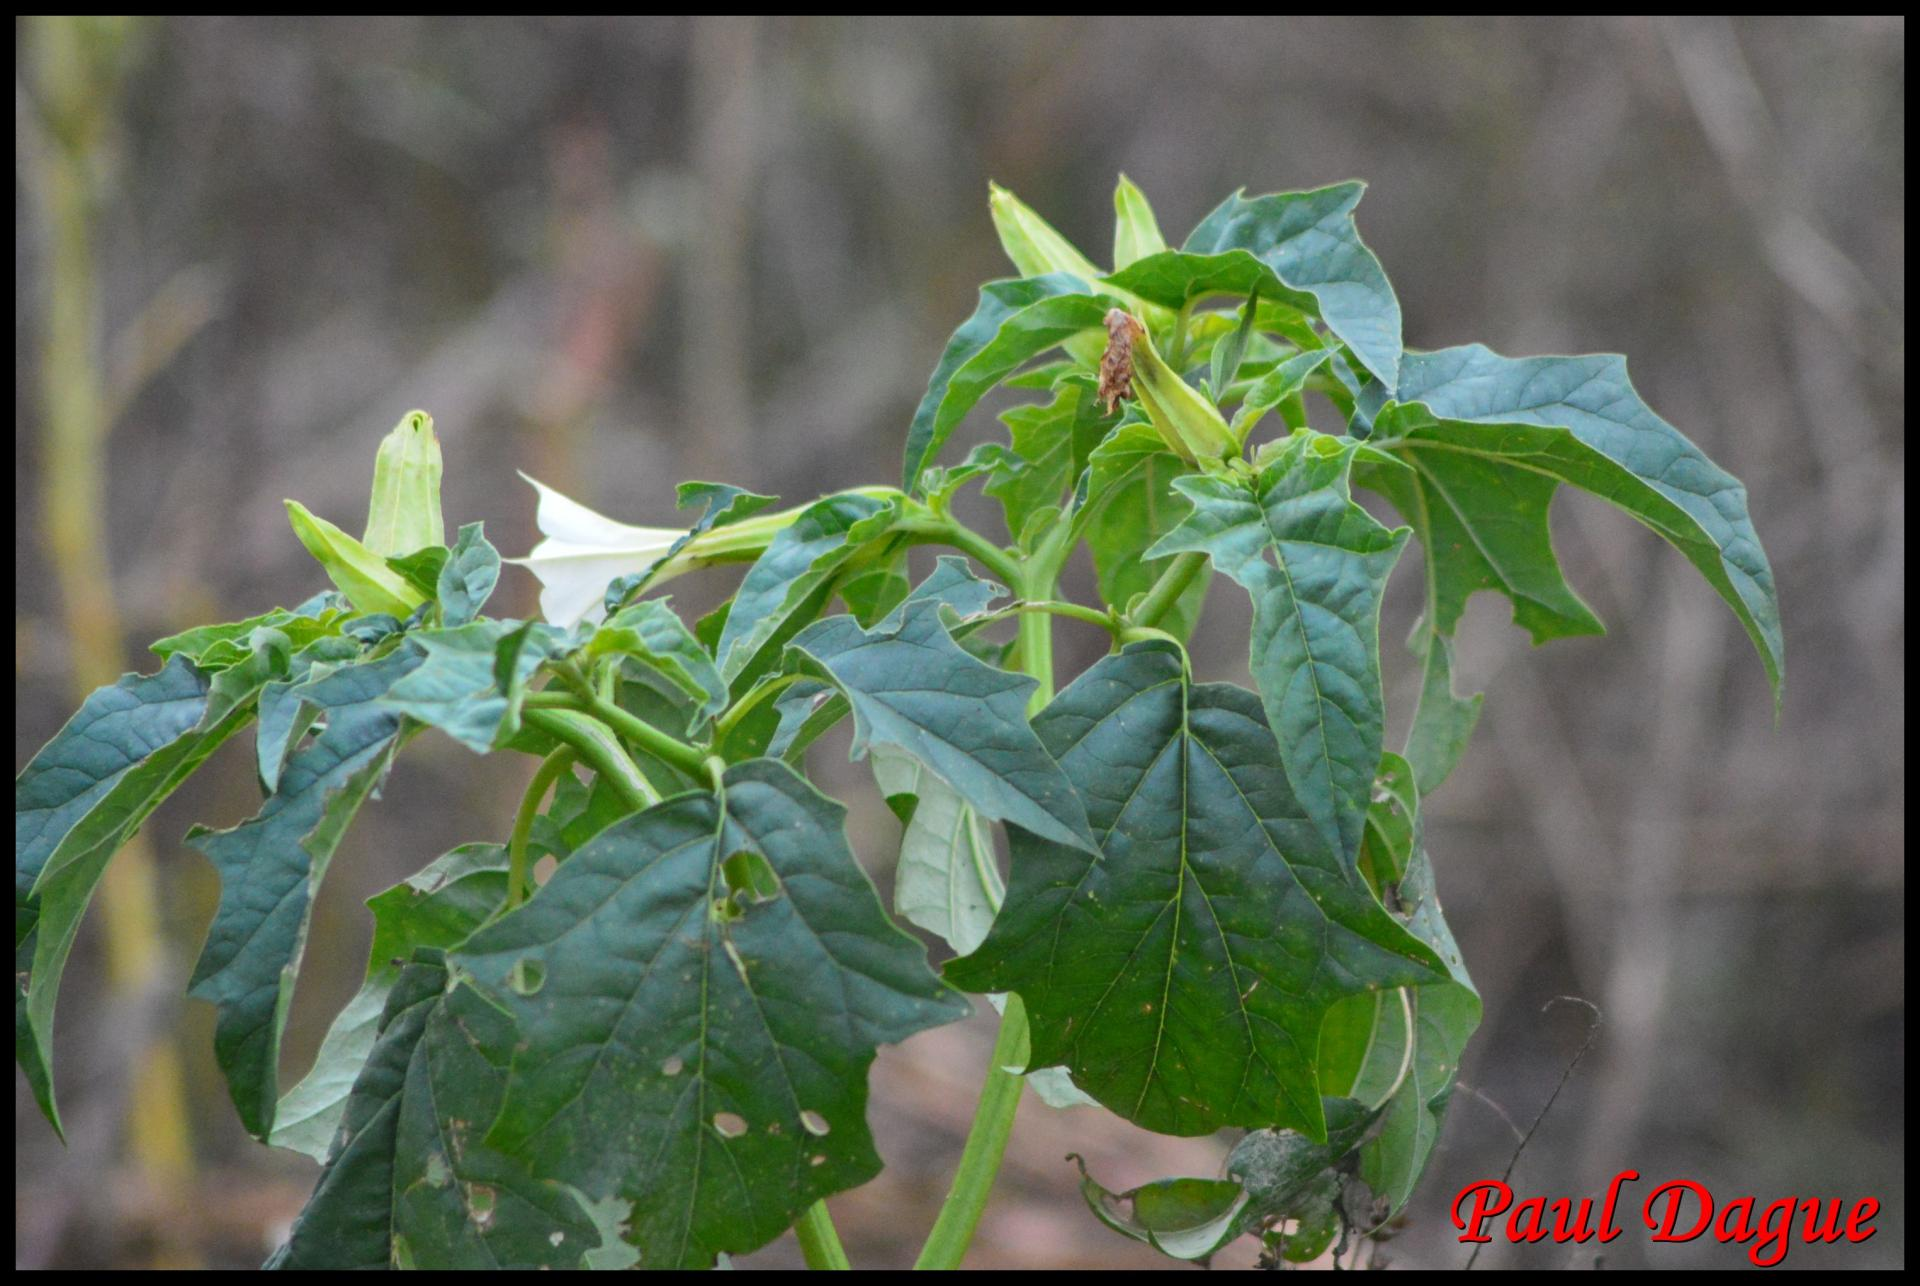 348 pomme epineuse datura stramonium solanaceae resultat